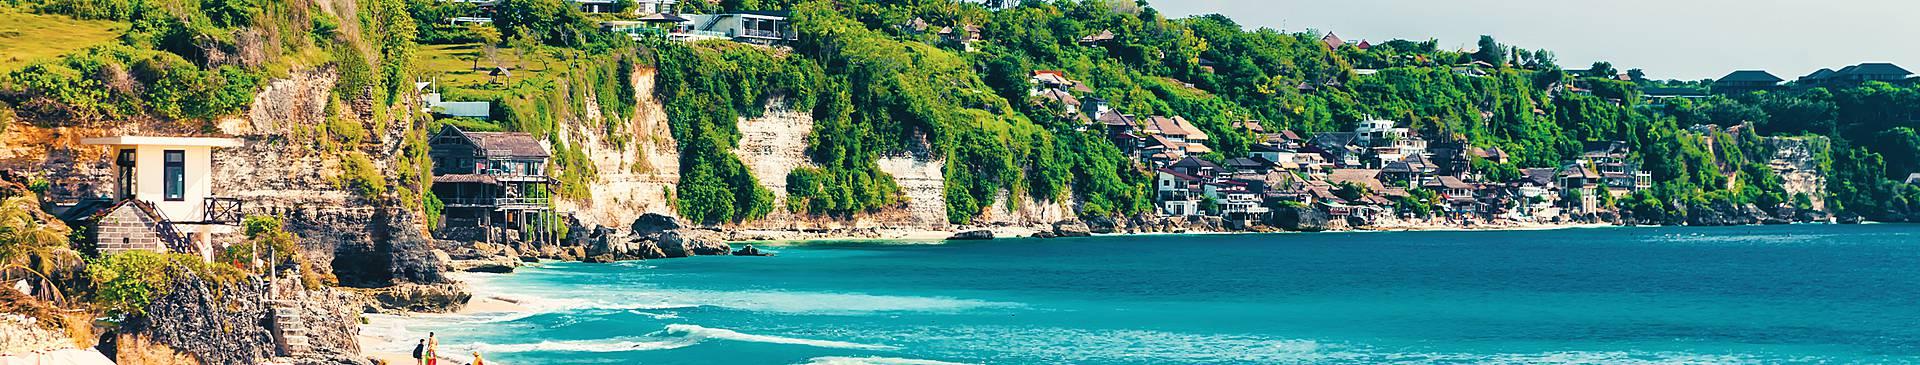 Viaggi a Bali in estate